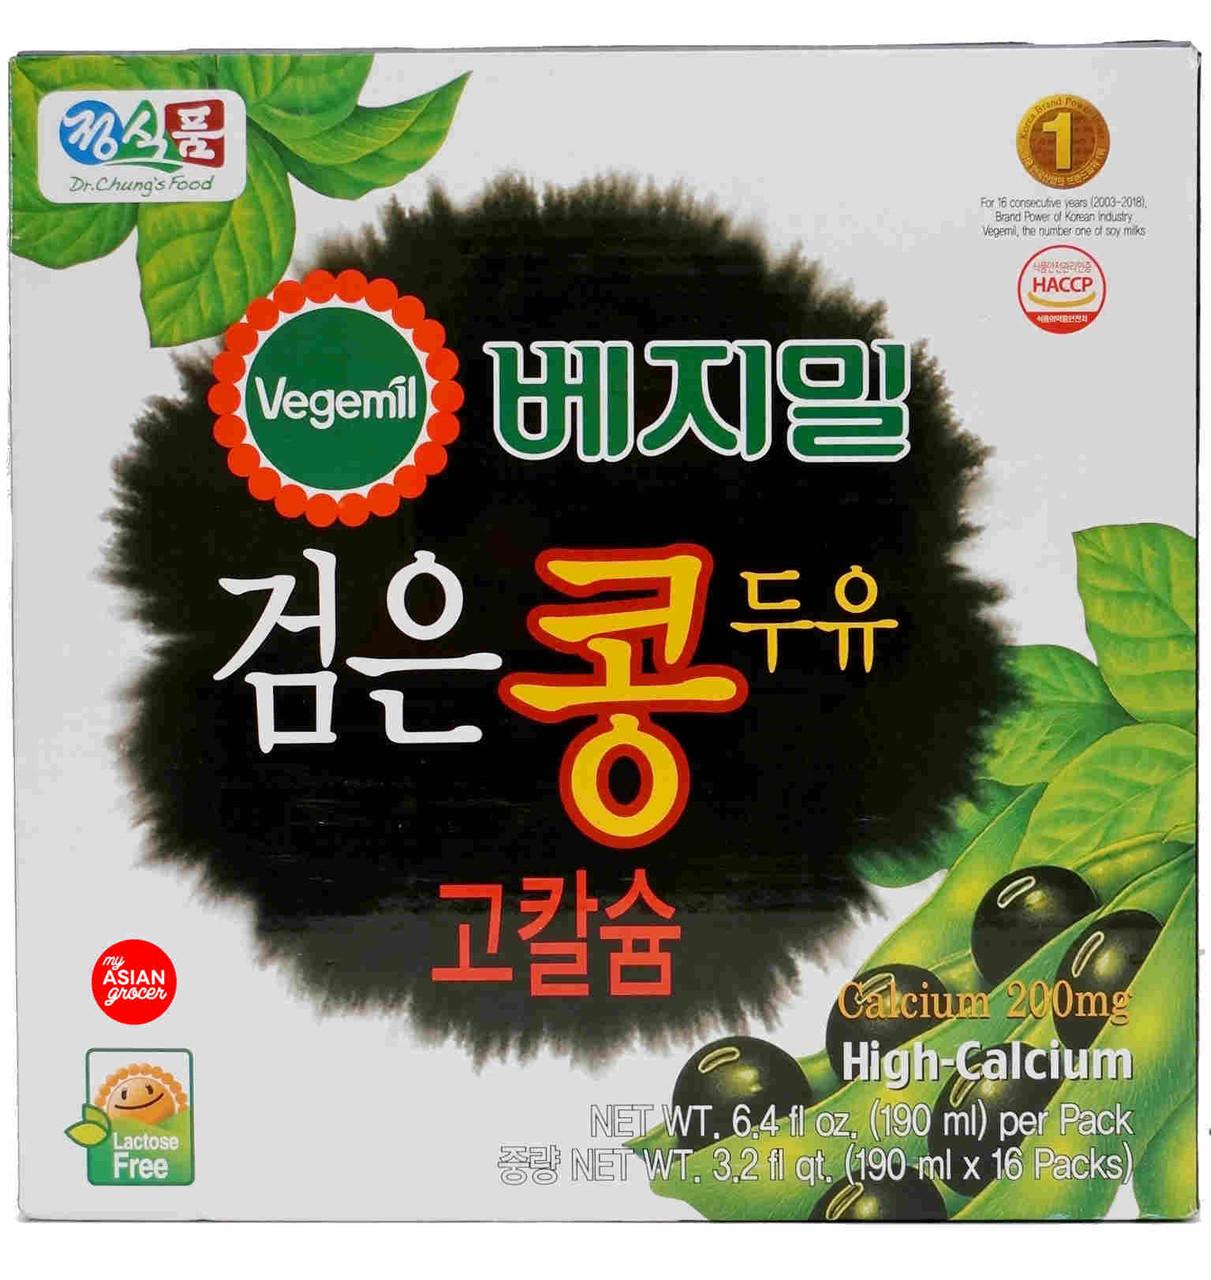 Vegemil Black Bean Soy Milk High Calcium 190ml x 16 Packs